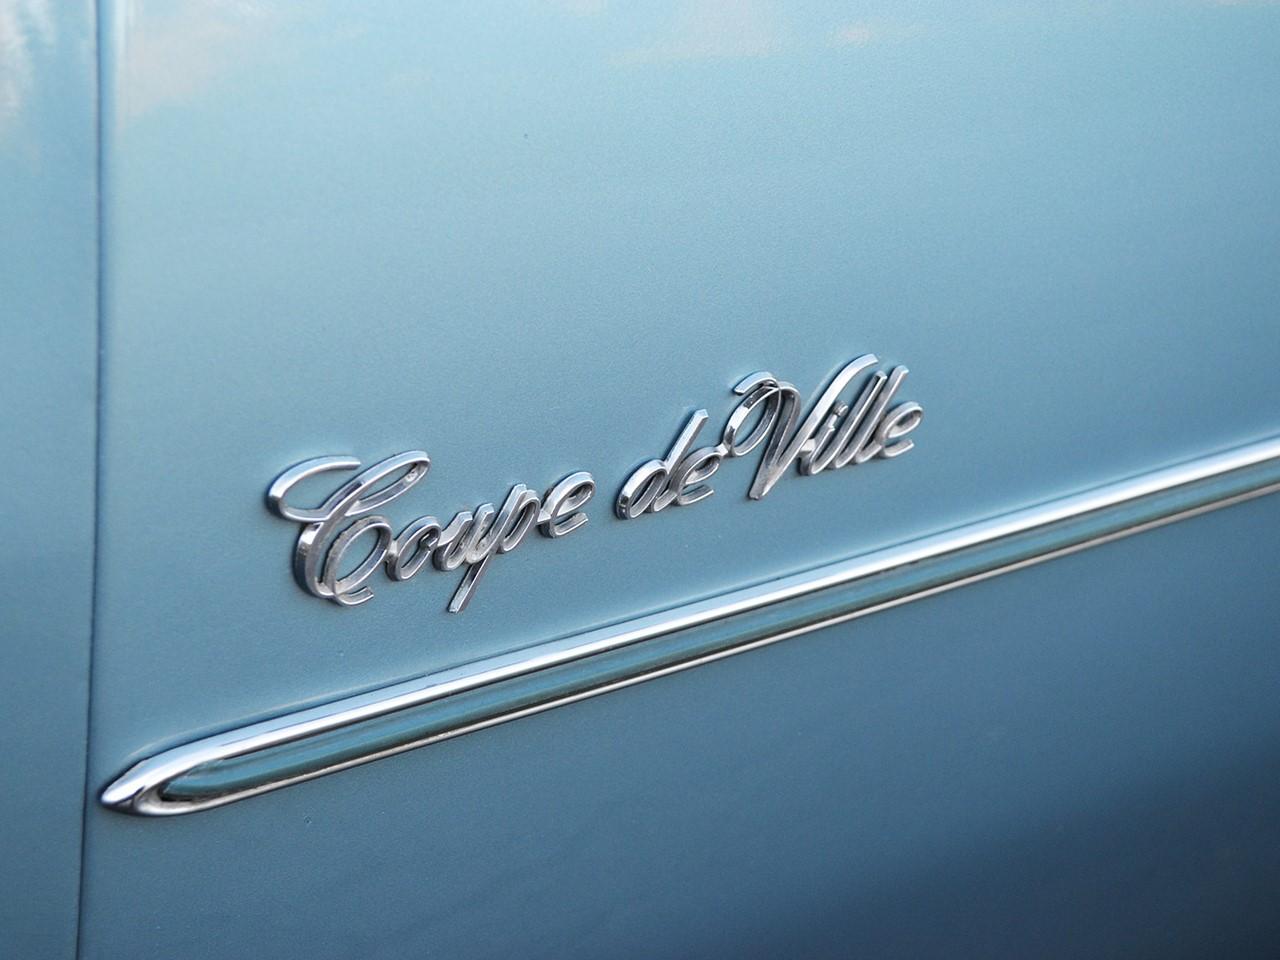 1978 DeVille Coupe d'Elegance 29